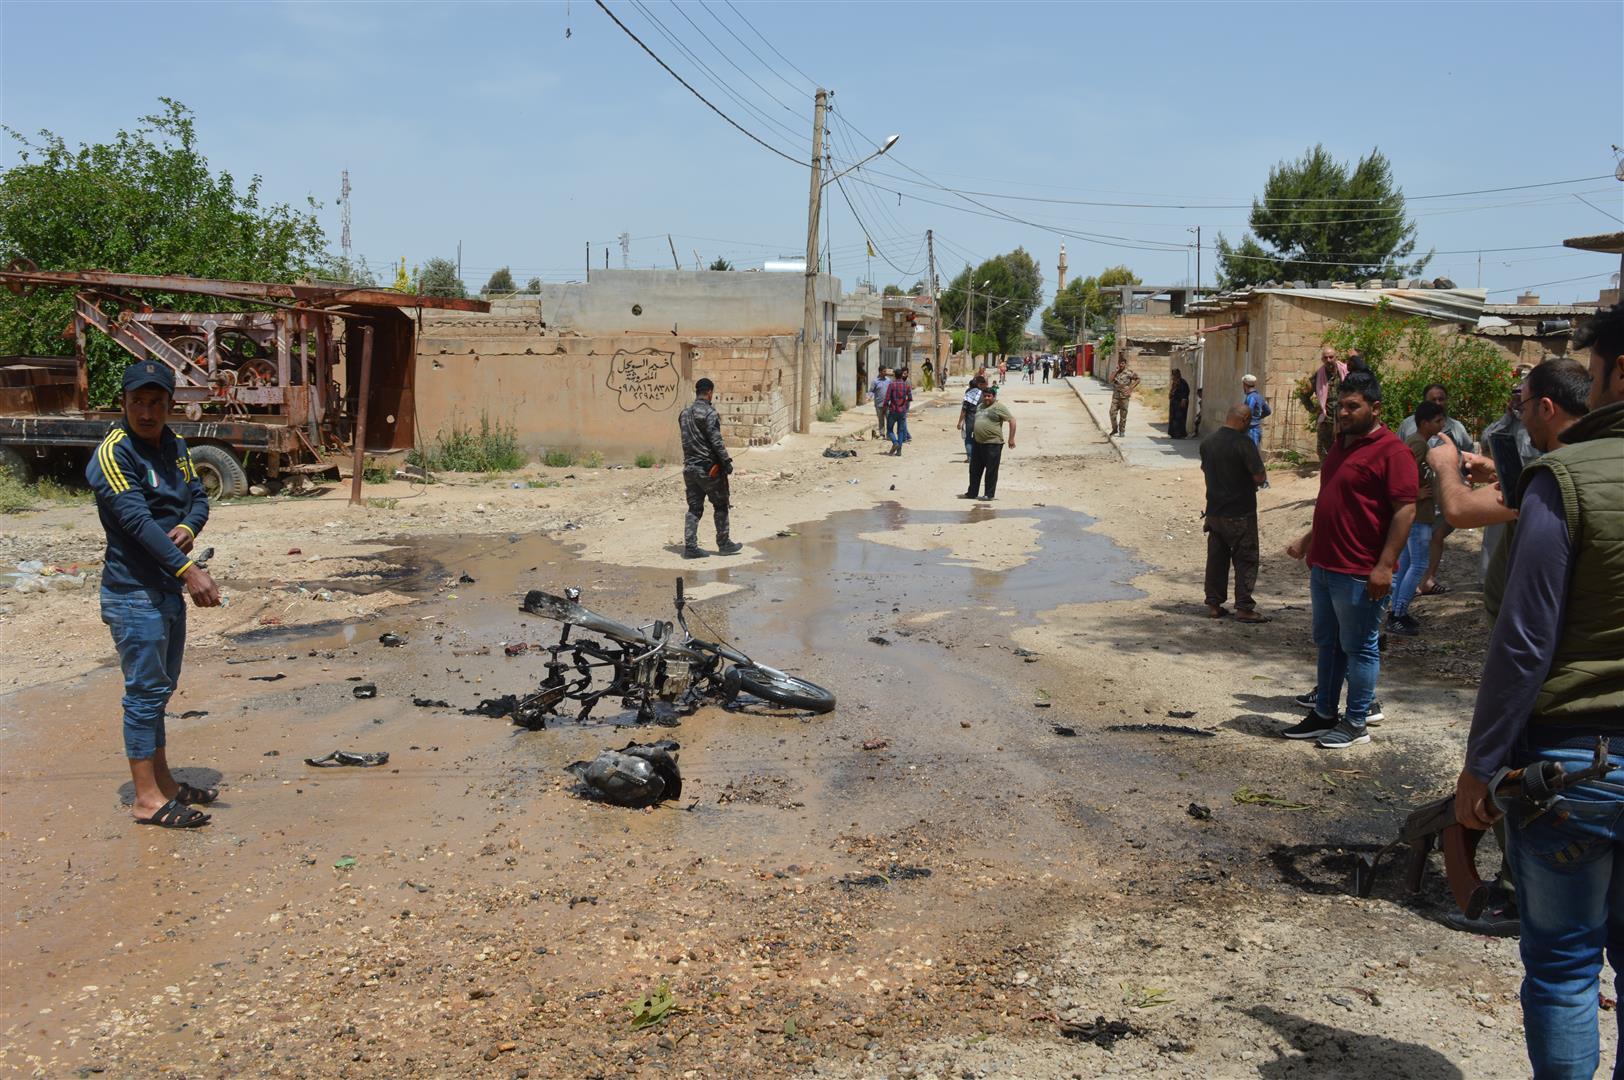 تفجير انتحاري في تل تمر ولا خسائر بشرية – تم التحديث